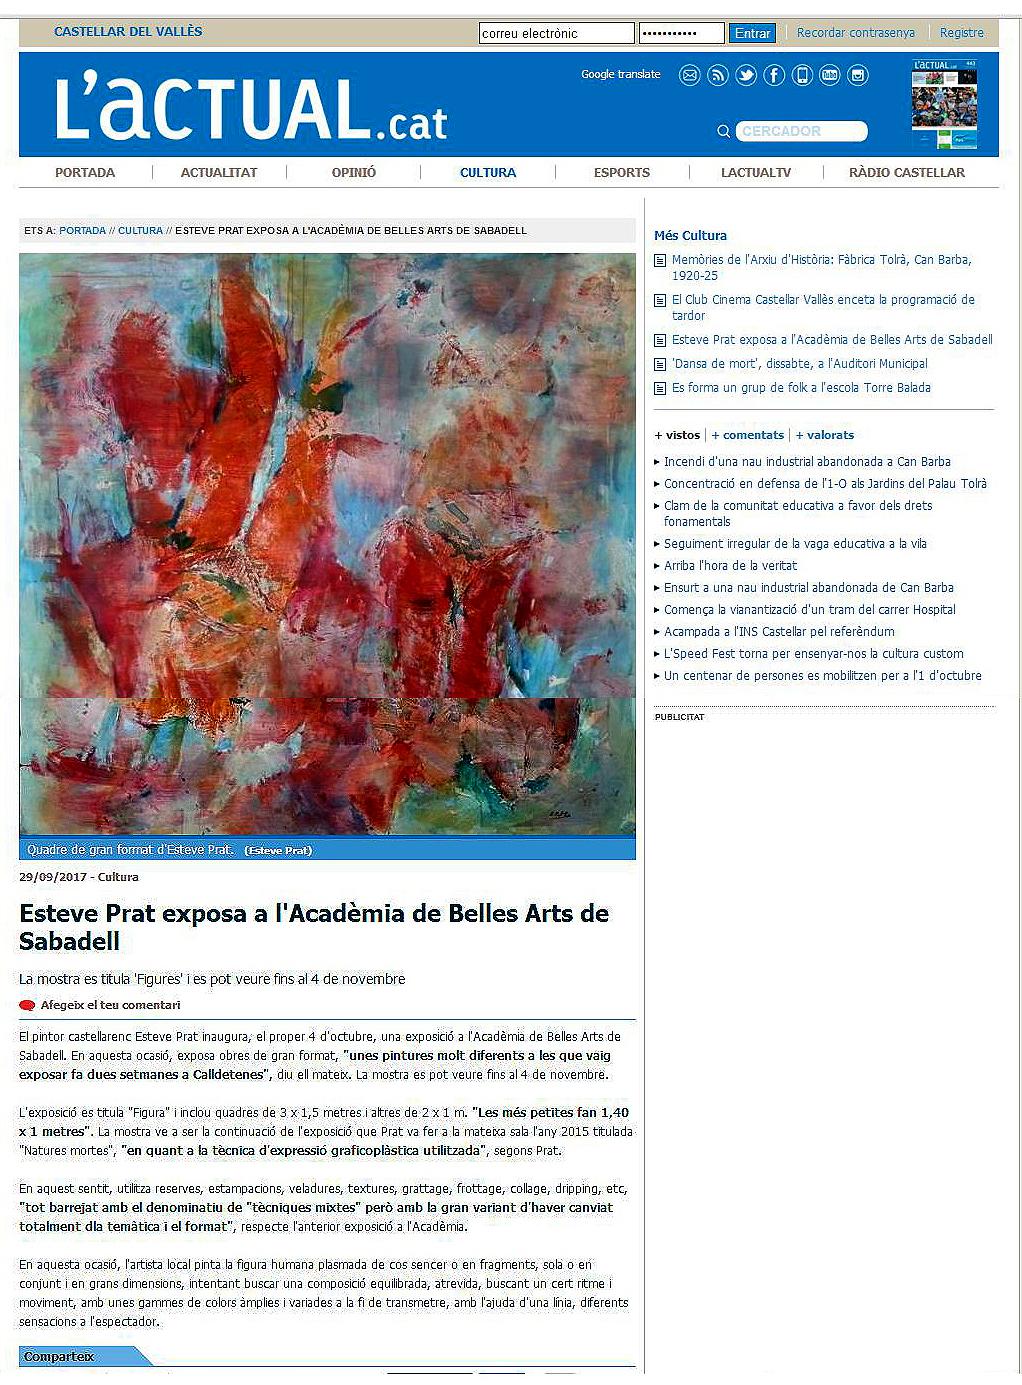 http://esteveprat.cat/wp-content/uploads/28-LACTUAL.CAT-BELLES-ARTS-SABADELL-Exposició-Figura-Gran-Format-.jpg